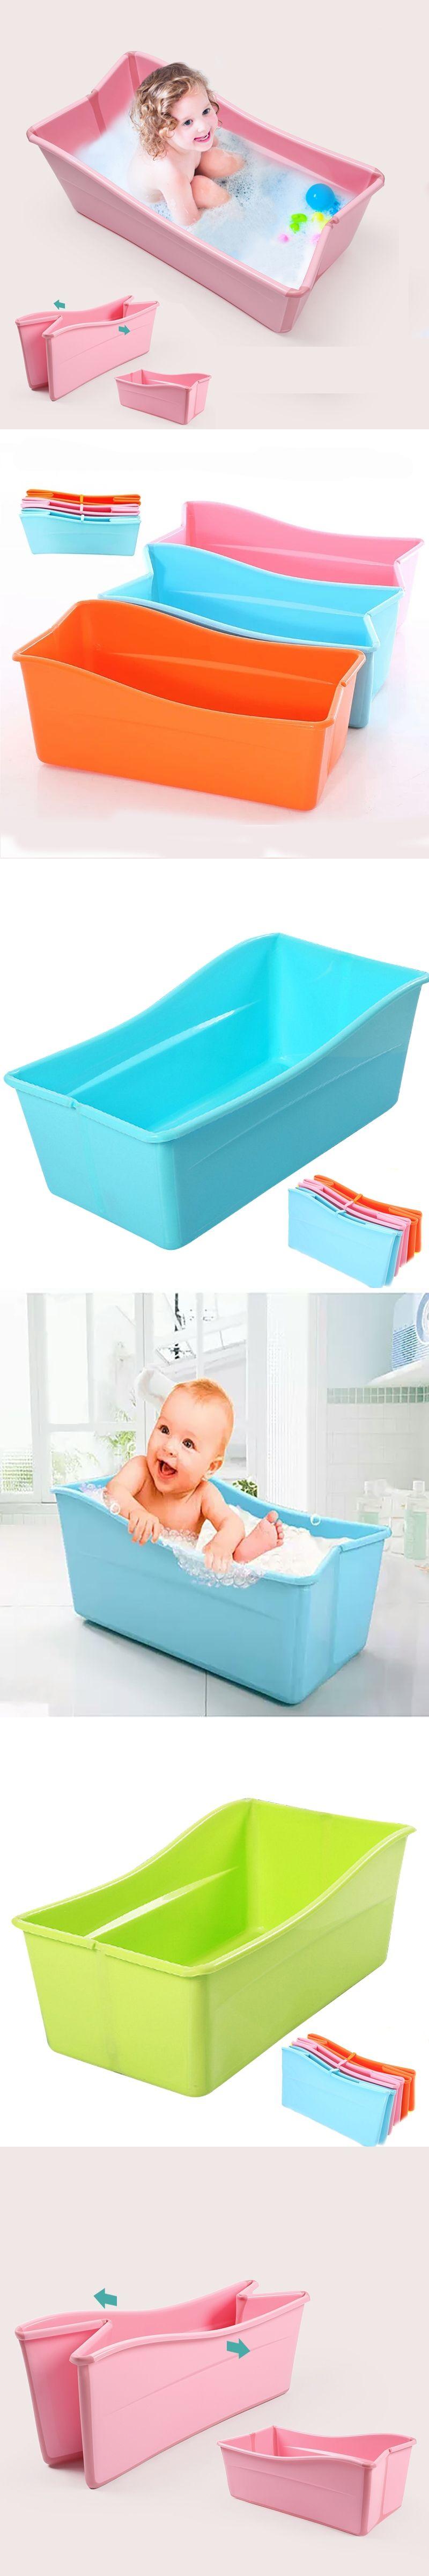 Folding Baby Bath Tub Children Folding Bath Baby Swimming Pool ...